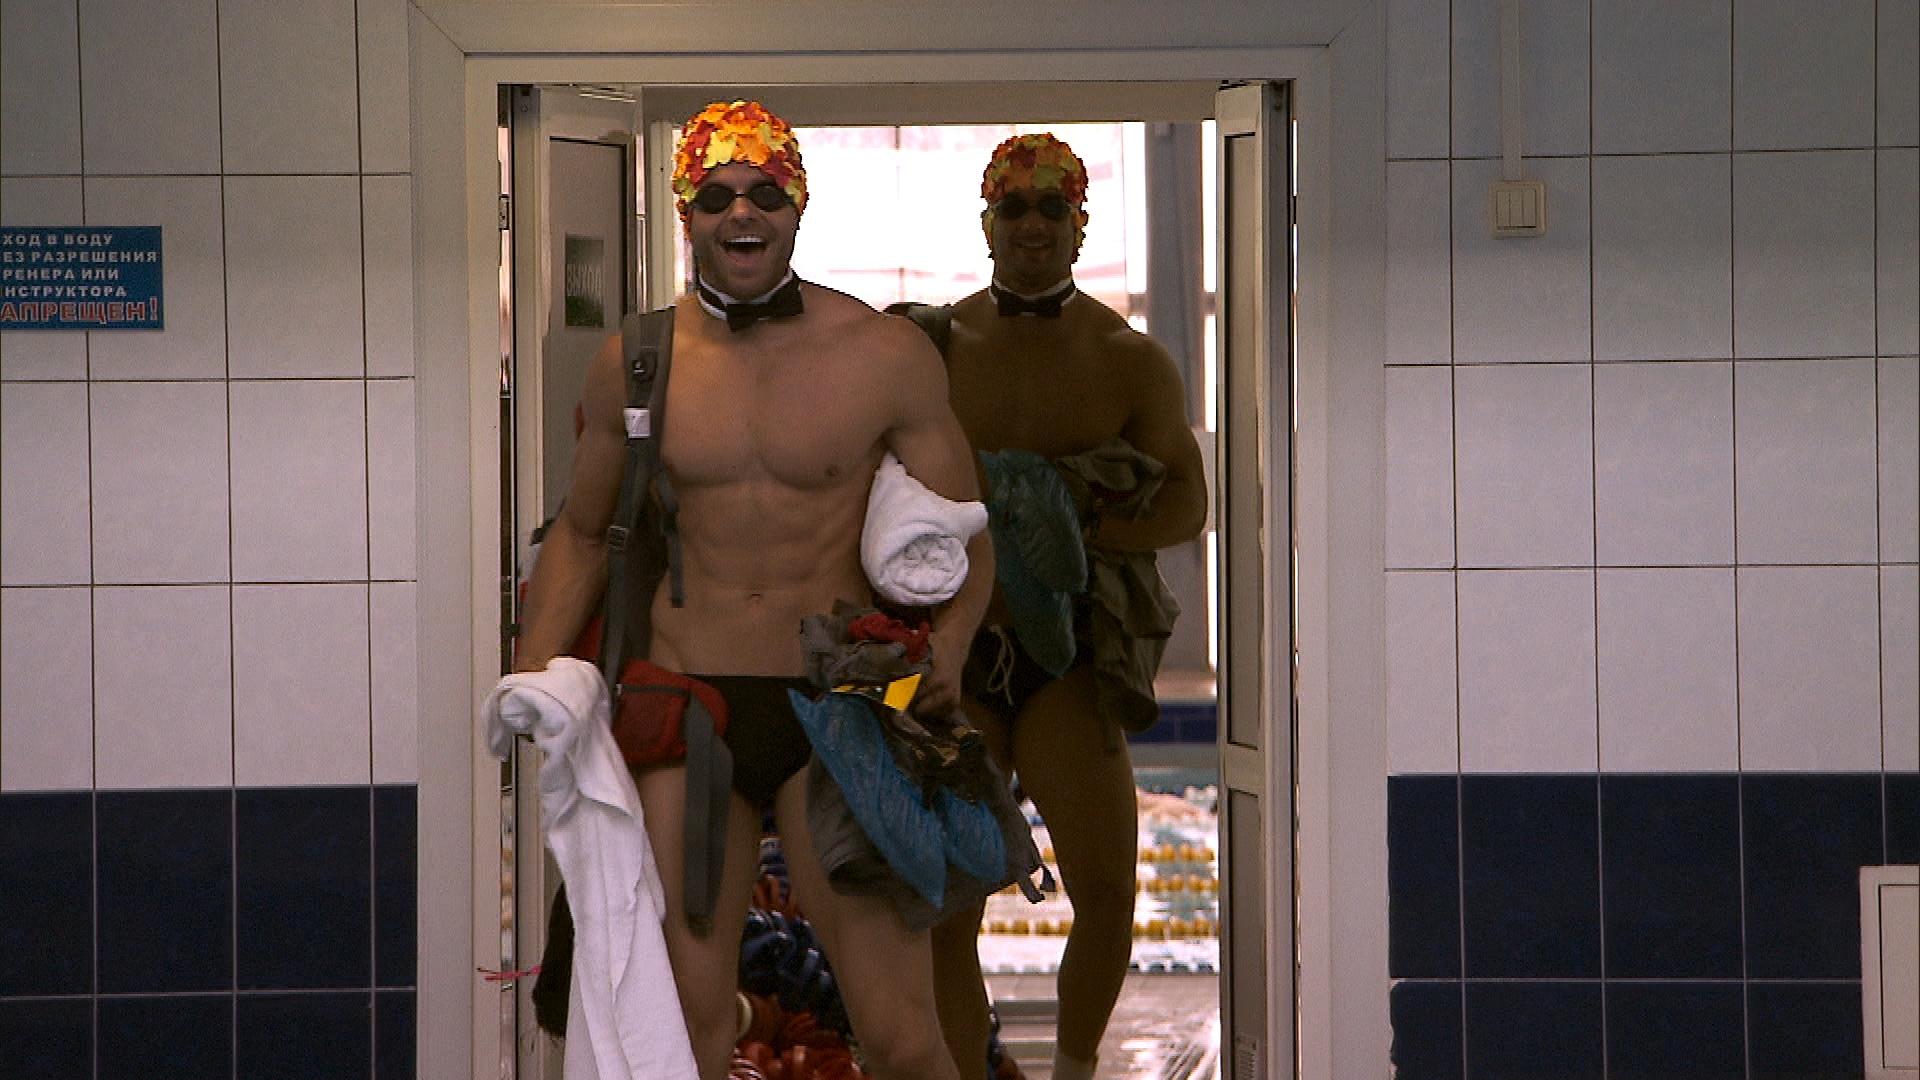 Getting ready to swim